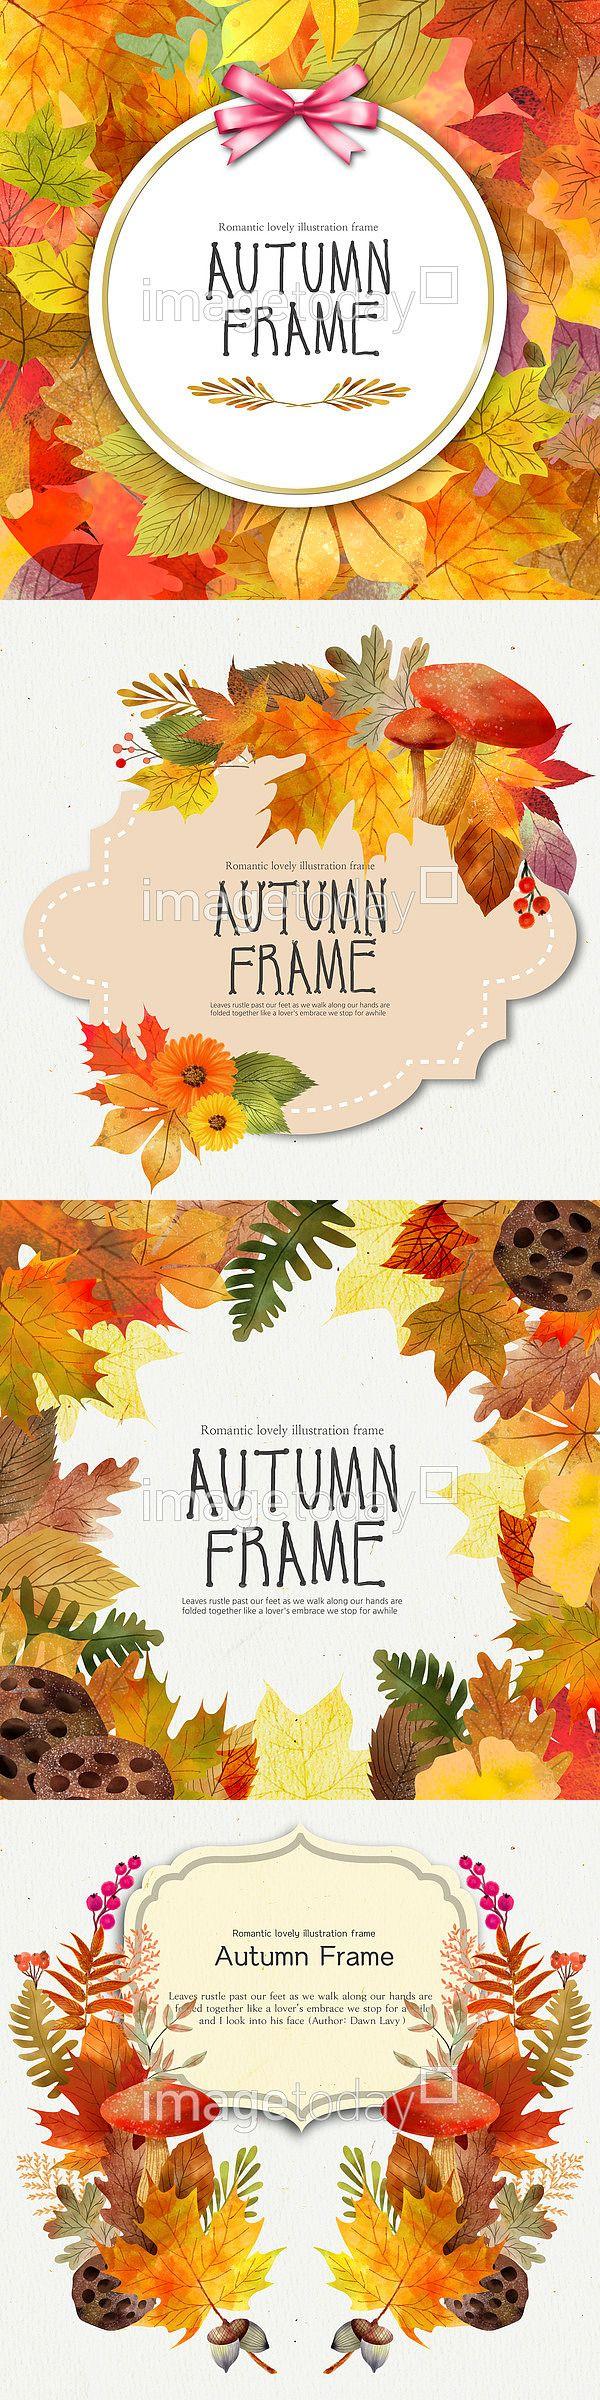 PSD 가을 계절 나뭇잎 낙엽 단풍 단풍잎 리본 무늬 백그라운드 수채화 식물 자연 장식 카드 페인터 프레임 PSD leaves of…